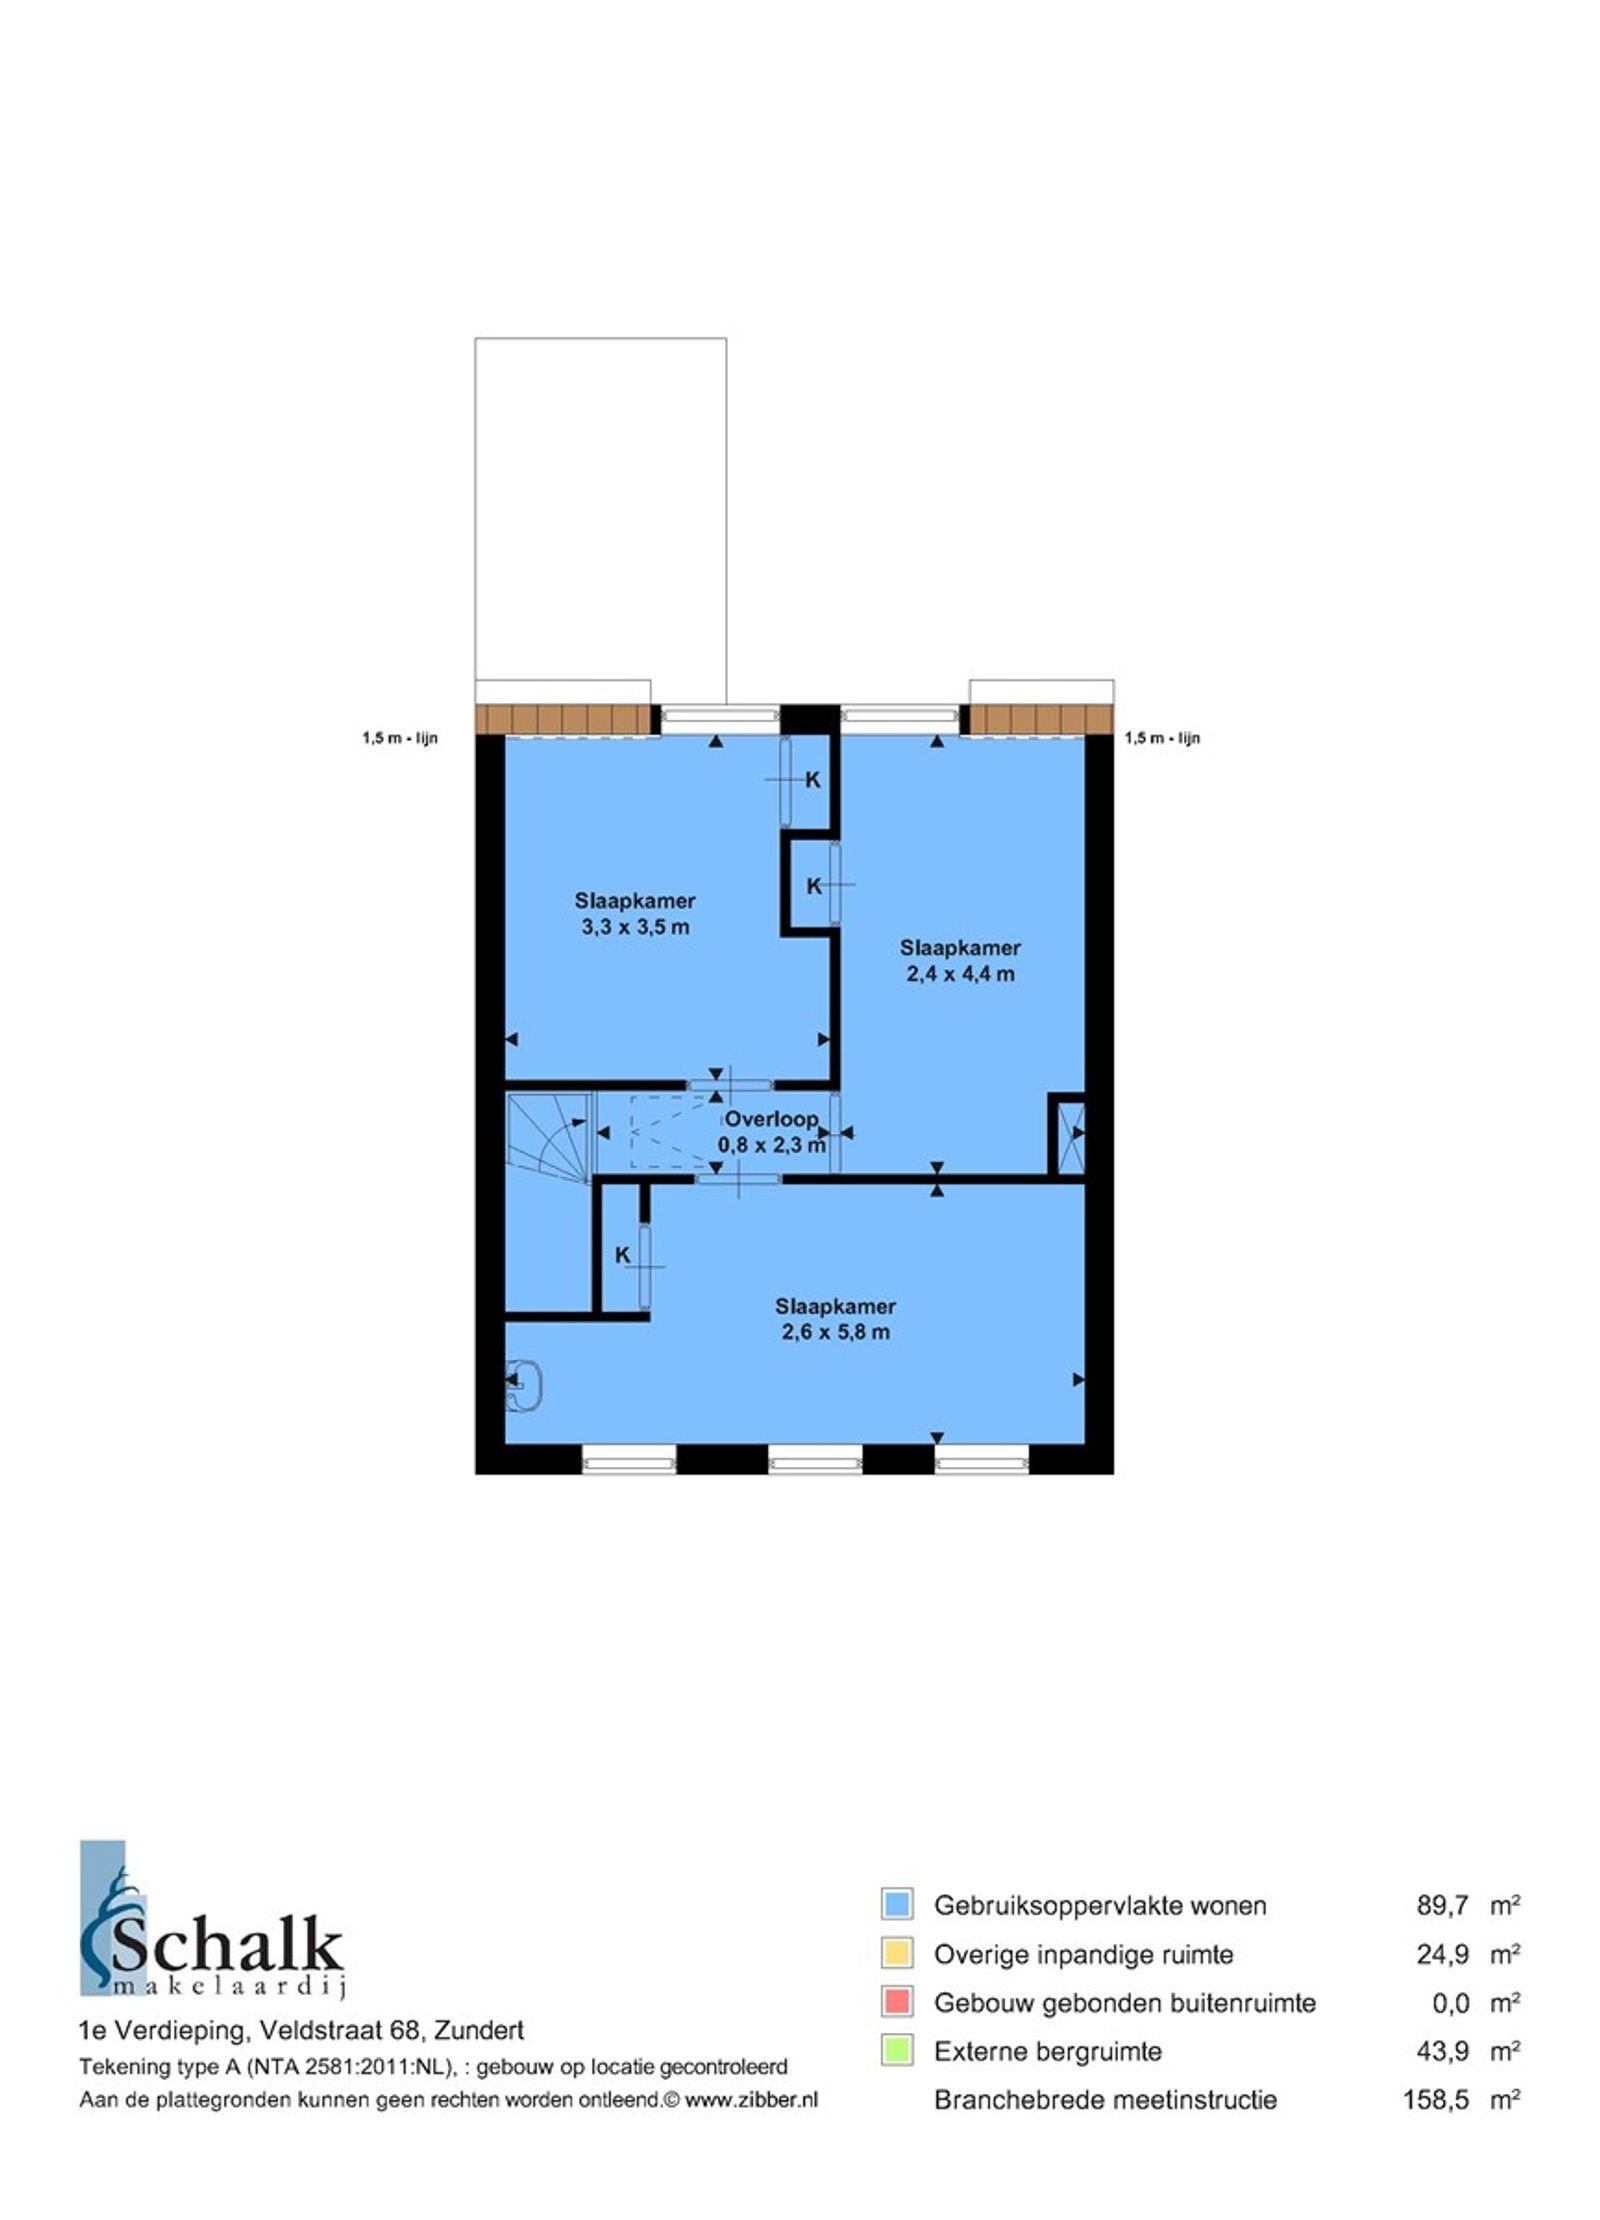 Twee-onder-een-kapwoning met vrijstaande schuur en aaneen gebouwde garage gelegen nabij de dorpskern van Zundert. De woning heeft op de begane grond een ruime woonkamer, leefkeuken in rechte opstelling, een kelder en een badkamer uitgerust met een ligbad met douche. De eerste verdieping heeft 3 ruime slaapkamers. Middels een vlizotrap is de bergzolder bereikbaar.   Achter de schuur met garage bevindt zich nog een (moes)tuin.   Men dient rekening te houden met eventuele modernisering en/of verbouwingskosten   BEGANE GROND Entree/hal met toegang tot de woonkamer en vaste trap naar de eerste verdieping.  Afwerking- vloerbedekking, Granol op de wanden en een houten schroten plafond.  Meterkast- 4 groepen en aardlekschakelaar.   Kelder met opstelling van de CV ketel (merk- AWB, bouwjaar- 2016).   Afwerking- tegelvloer, betegelde wanden en een stucwerk plafond.   Woonkamer met voormalig gashaard met schouw (gasaansluiting is afgesloten).  Afwerking- vloerbedekking, Granol op de wanden en een sierbalken plafond.   Toiletruimte  Afwerking- tegelvloer, betegelde wanden en een kunststof plafond.   Rechte leefkeuken uitgerust met een betegeld aanrechtblad, 1 spoelbak, 4 pits gaskookplaat, elektrische oven en afzuigkap. Tevens is de ruimte voorzien van een rolluik.  Afwerking- tegelvloer, deels betegelde en deels Granol op de wanden.  Het plafond is afgewerkt met kunststof.   Nette badkamer uitgerust met een ligbad met douche en 1 wastafel.  Afwerking- tegelvloer, betegelde wanden en een kunststof plafond.   EERSTE VERDIEPING Overloop met toegang tot drie slaapkamers. Afwerking- vloerbedekking, Granol op de wanden en een houten schroten plafond met spotverlichting.   Slaapkamer 1- gelegen aan de voorzijde en voorzien van een vaste kast.  Afwerking- laminaatvloer, behangen wanden en een MDF plafond.   Slaapkamer 2- gelegen aan de rechter achterzijde en voorzien van een vaste kast.  Afwerking- vloerbedekking, behangen wanden en een kunststof delen plafond.   Slaapkamer 3- gelegen